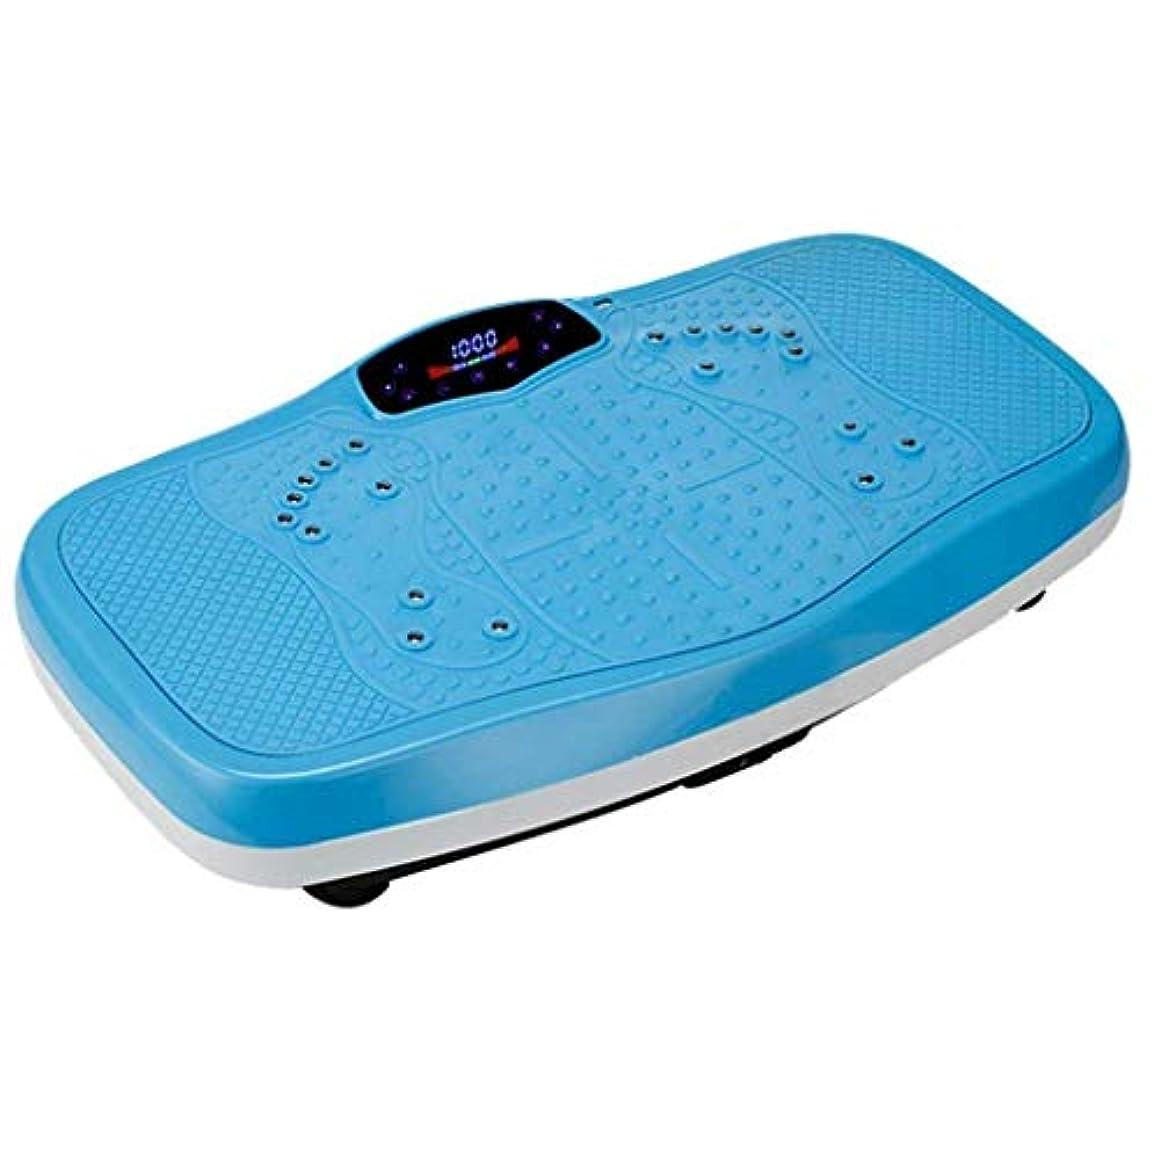 到着する対処する宿命減量機、運動振動フィットネス形状体重減量機、Bluetoothスピーカー、家族/ジムに適し、ホームオフィス減量 (Color : 青)